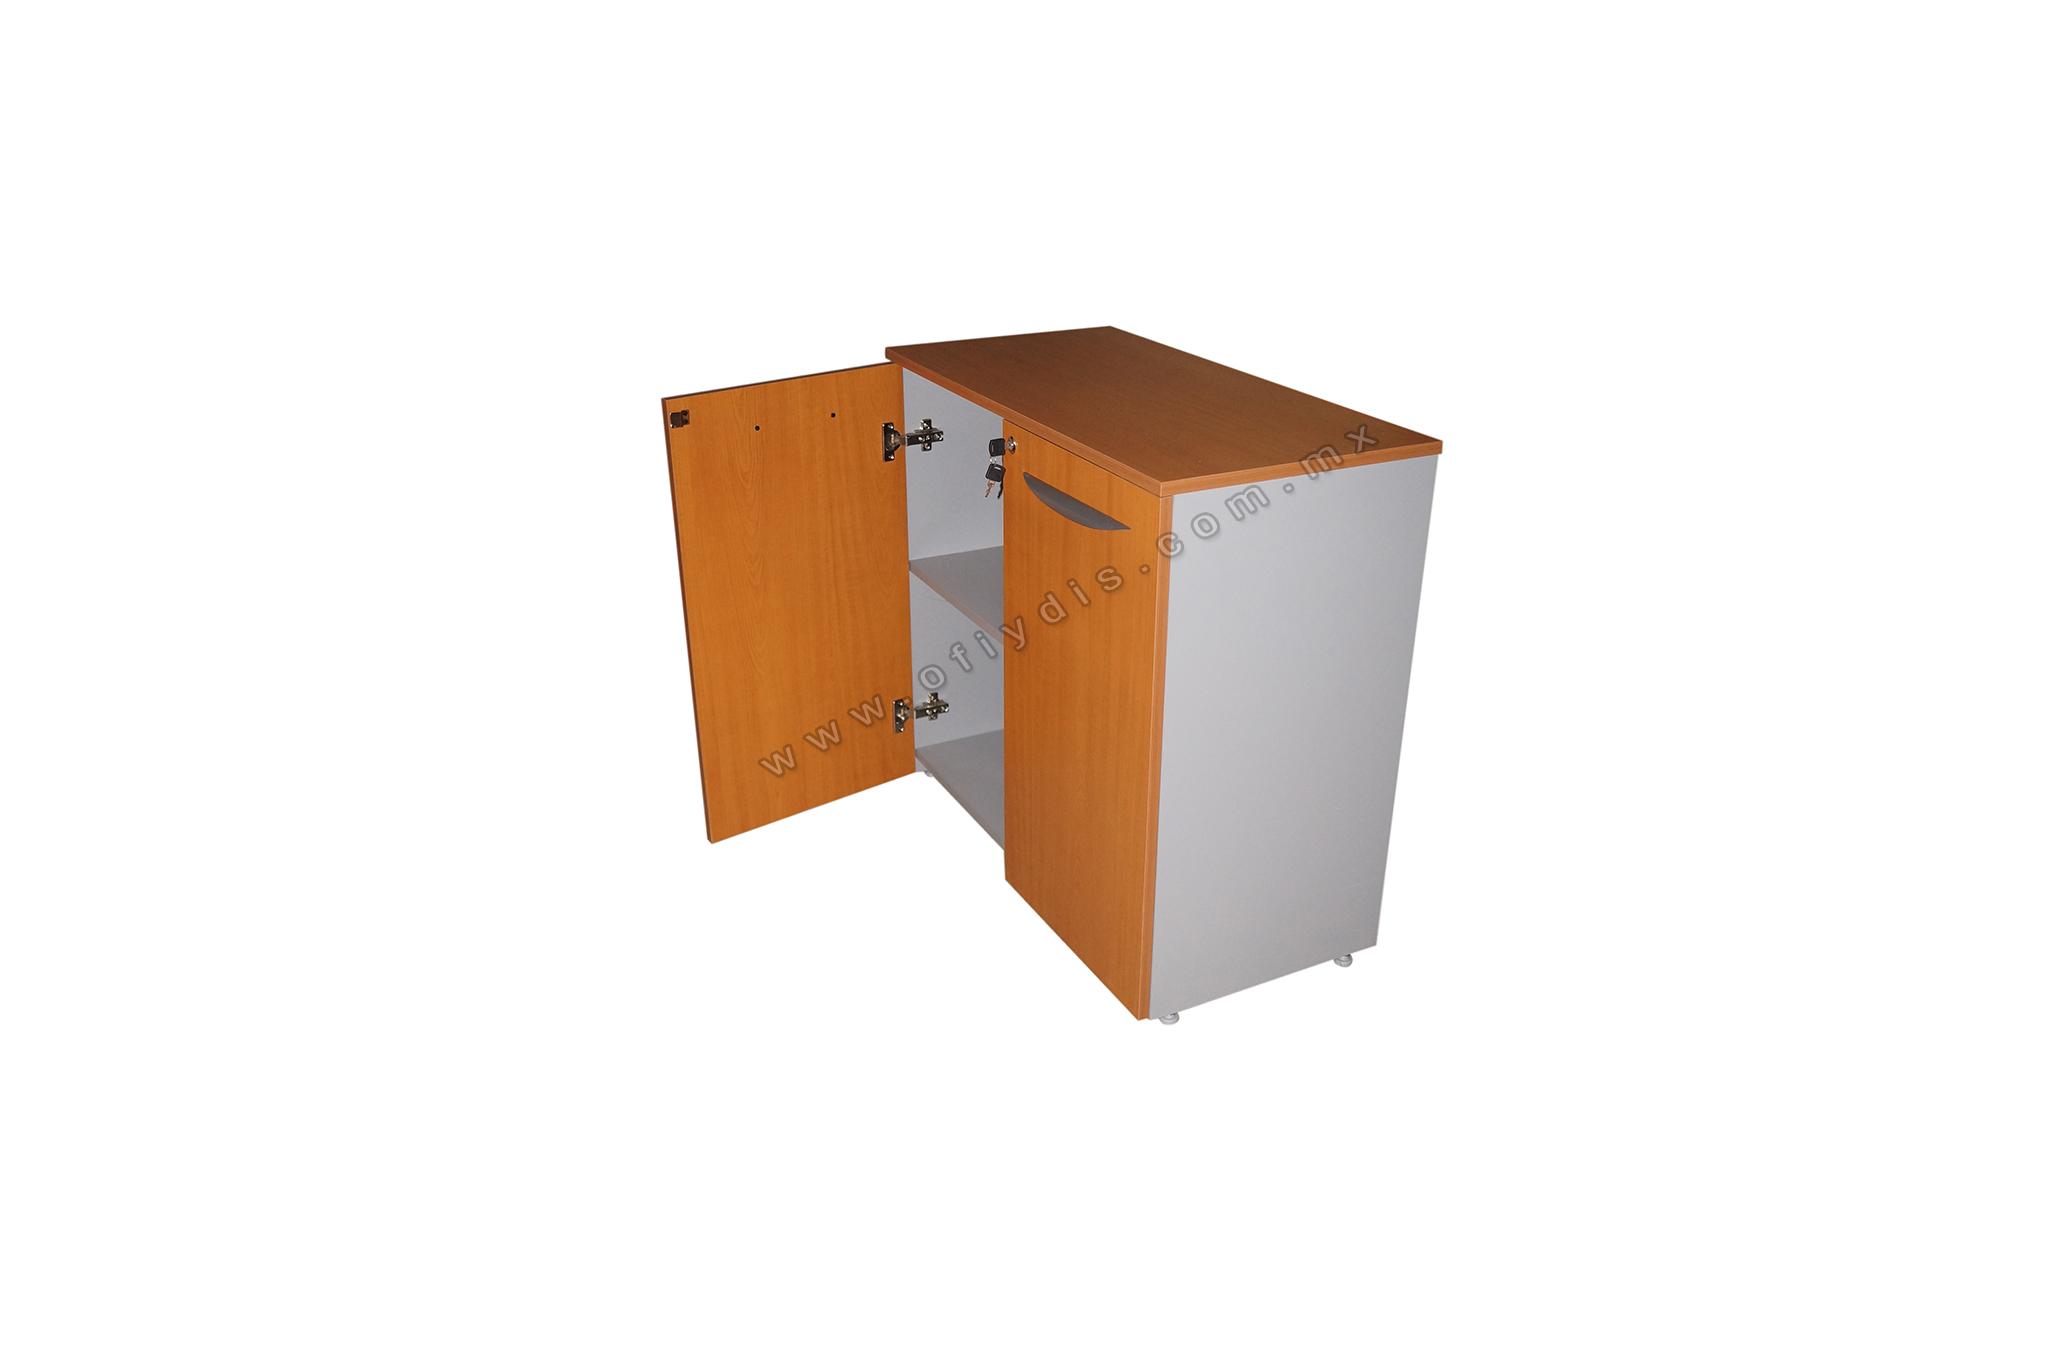 Credenza Con Dos Puertas Corredizas : Credenza espacios ofiydis muebles para oficina